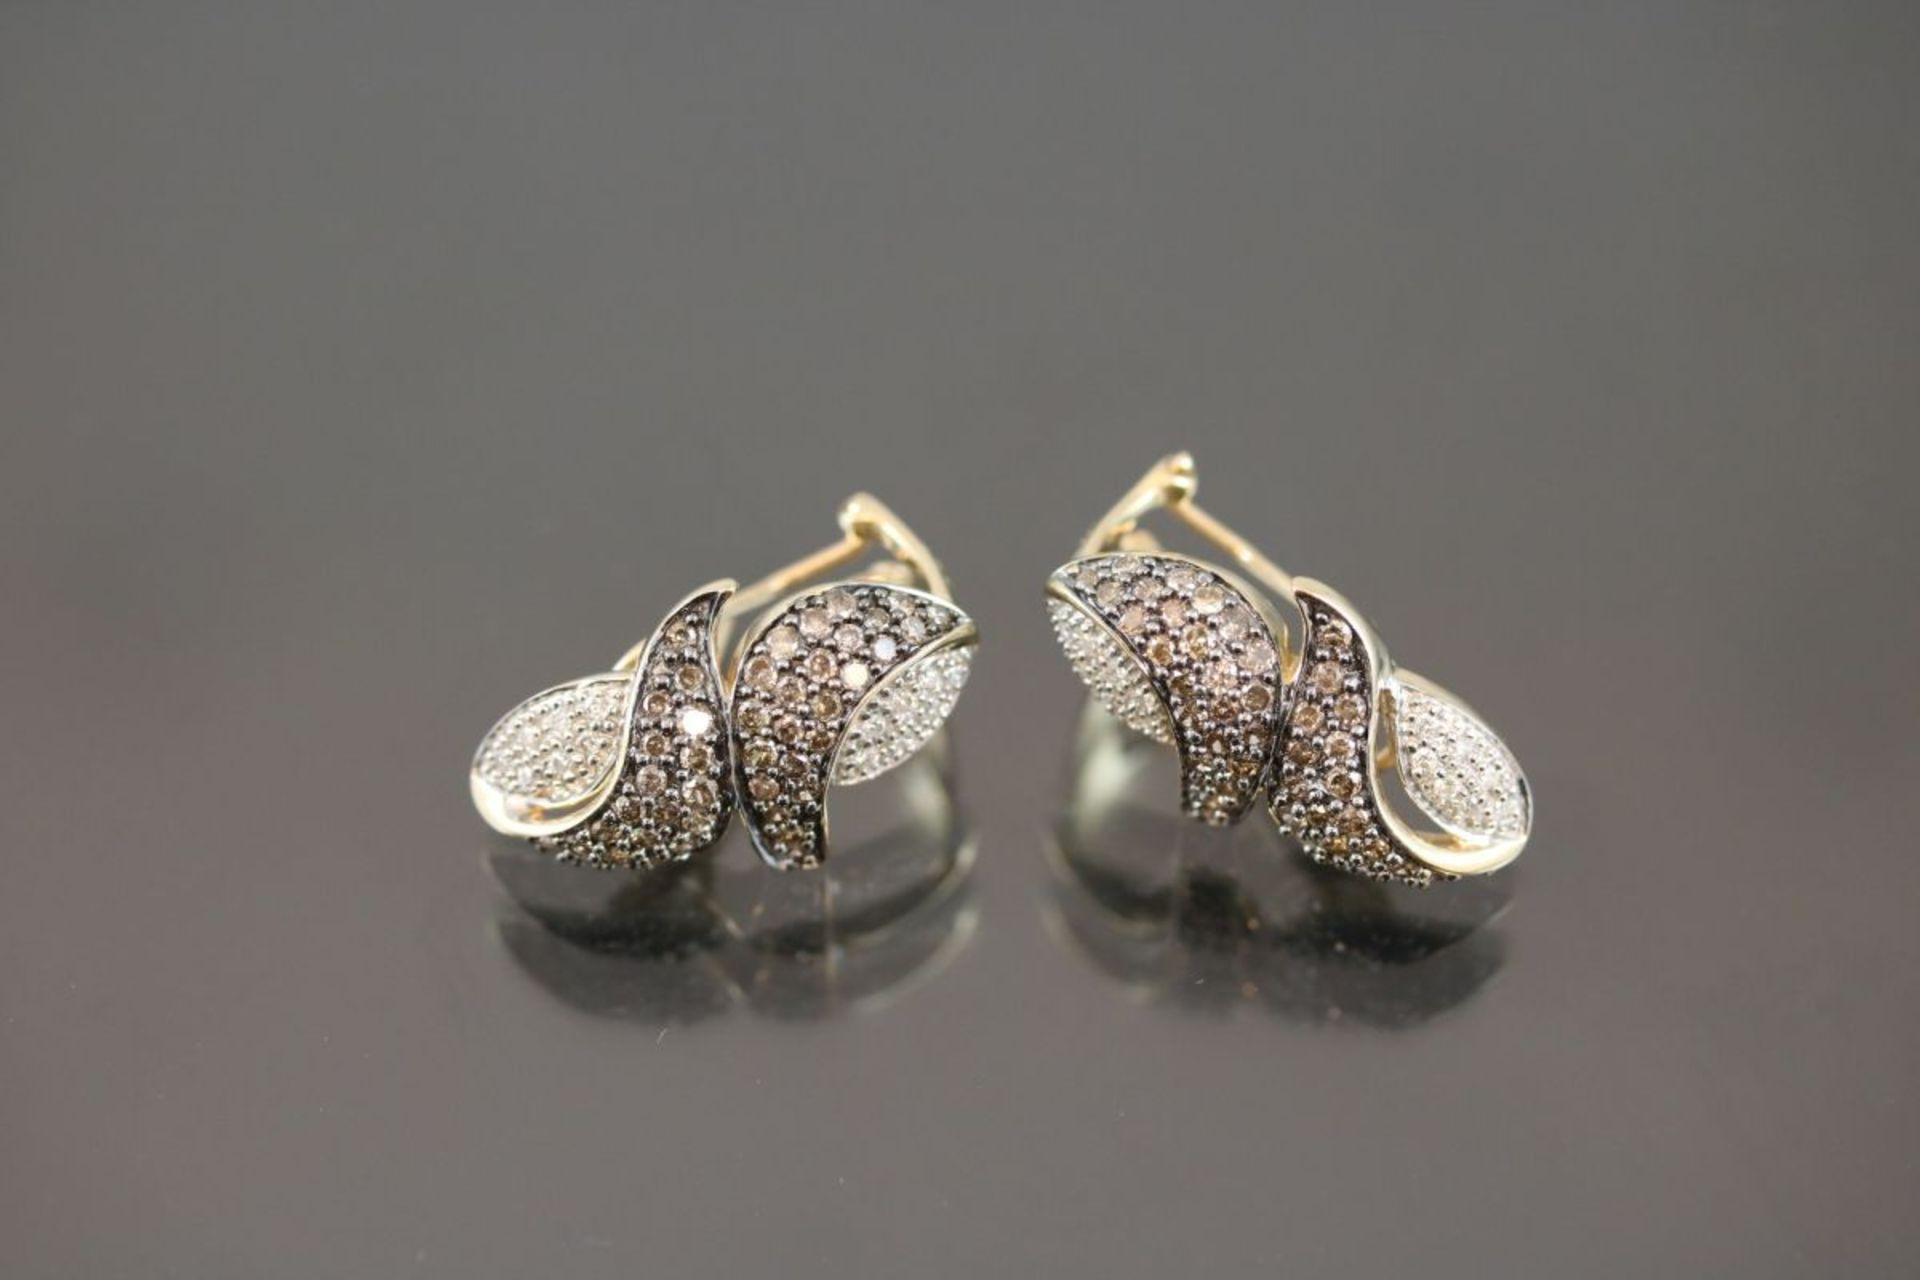 Brillant-Ohrstecker, 585 Gold8,24 Gramm ca. 120 Brillanten, ca. 1 ct., fancy/crystal. Schätzpreis: